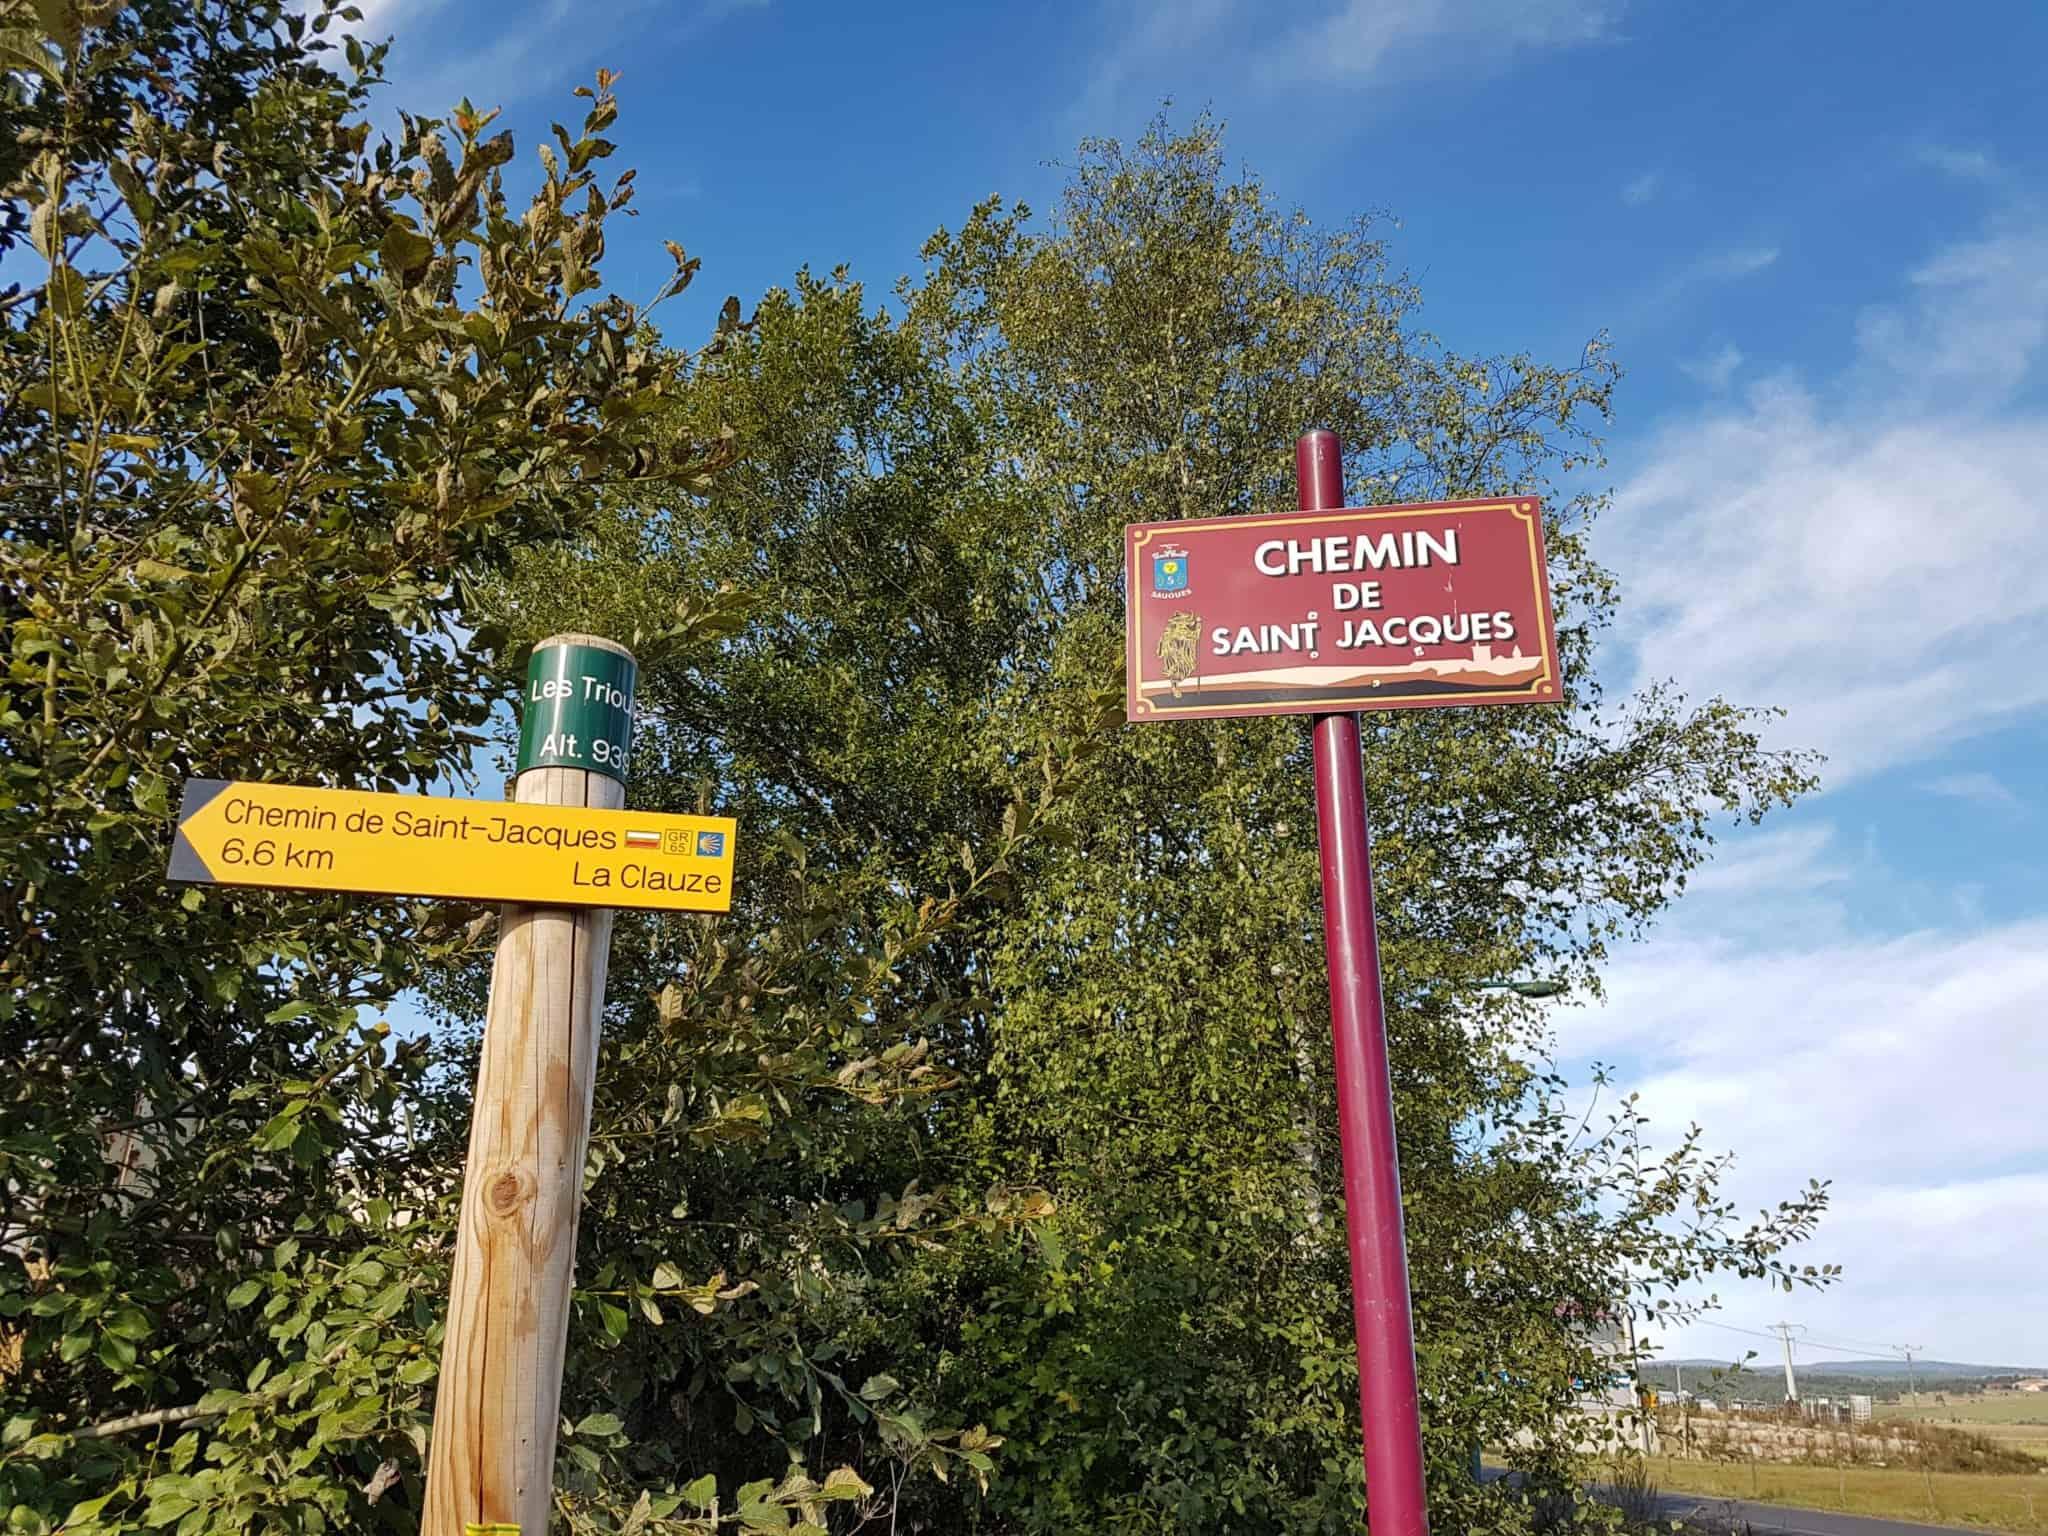 Chemin de Compostelle, arrivée à Chanaleilles avec les jambes lourdes 🦶 2